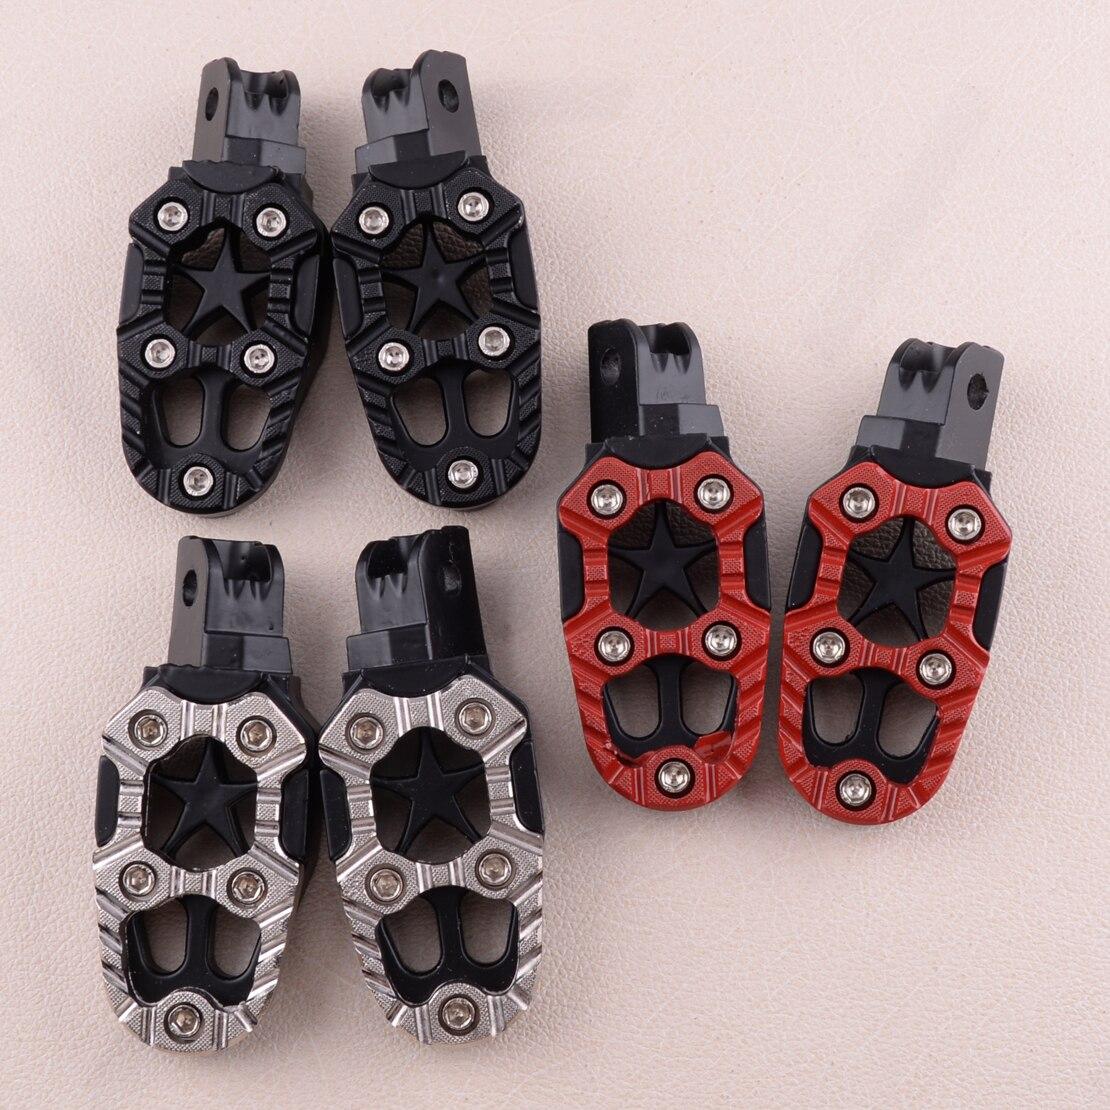 DWCX 2pcs 8mm Aluminum Alloy Footrest Anti-slip Foot Peg Pedals For Dirt Bike Motorcycle